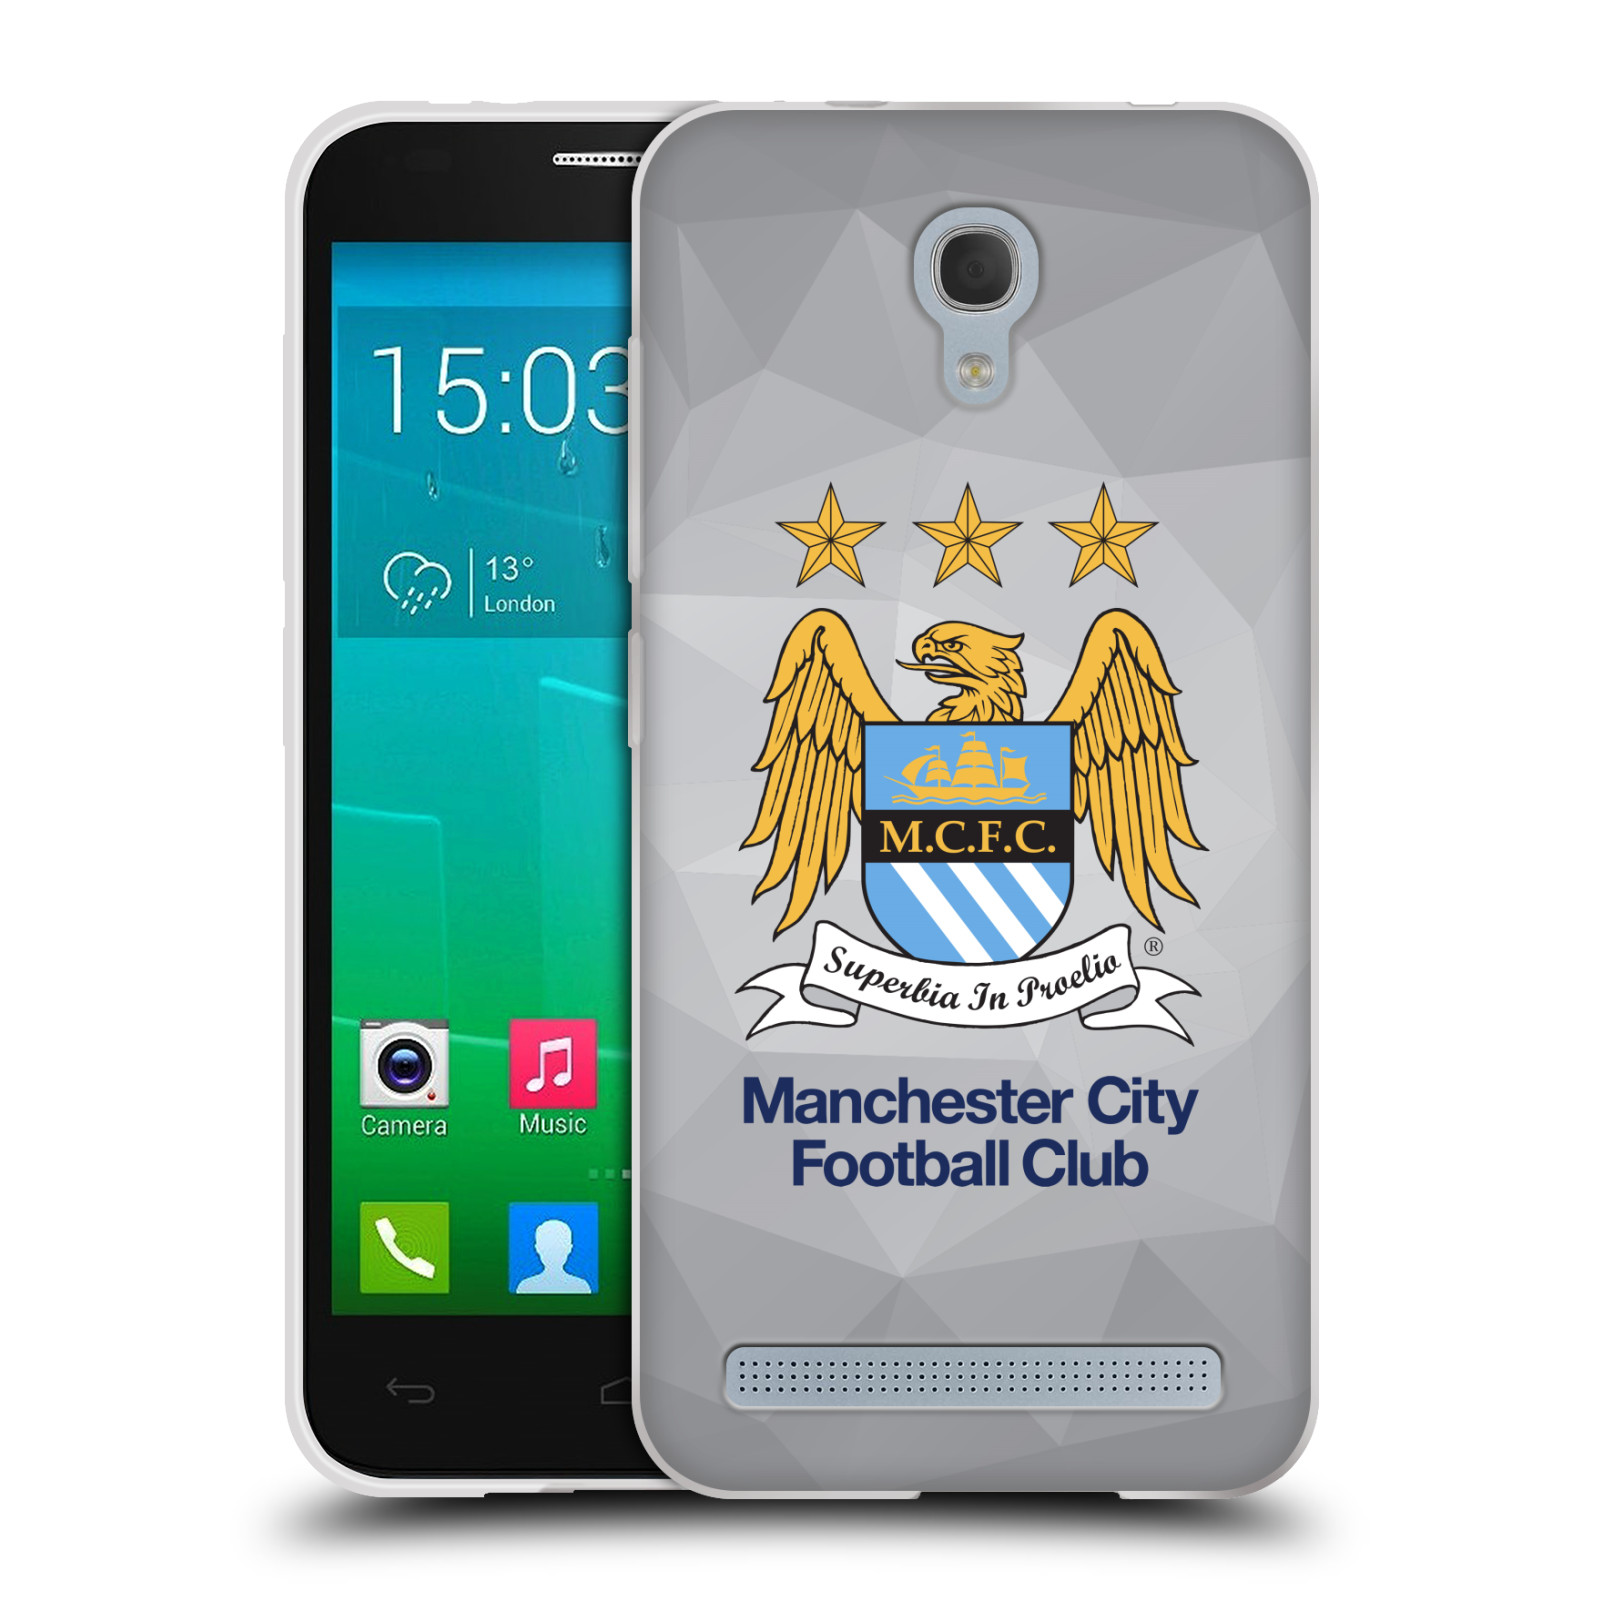 Silikonové pouzdro na mobil Alcatel One Touch Idol 2 Mini S 6036Y HEAD CASE Manchester City FC - Football Club (Silikonový kryt či obal na mobilní telefon s licencovaným motivem Manchester City FC pro Alcatel Idol 2 Mini S OT-6036Y)